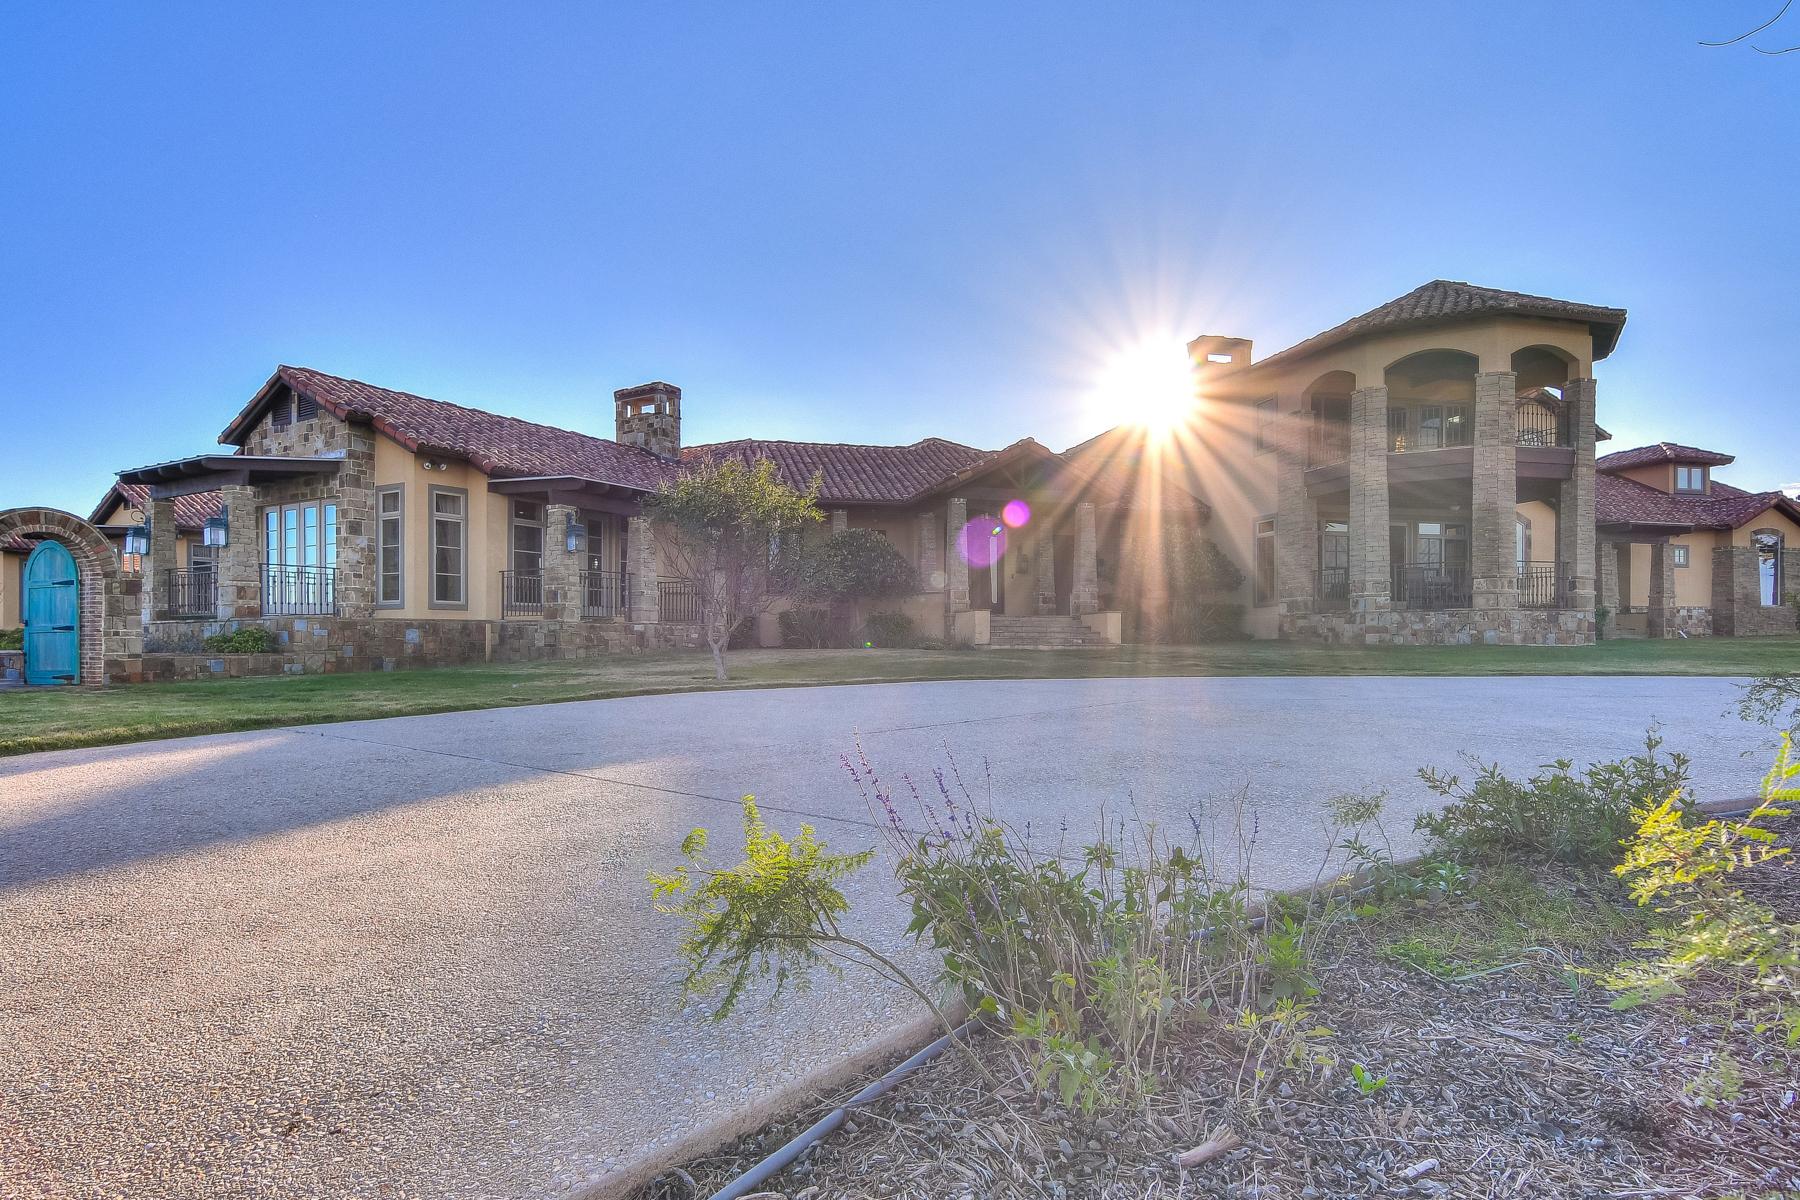 단독 가정 주택 용 매매 에 Stunning Estate on 127.25 Acres in Boerne 6231 Ranger Creek Rd Boerne, 텍사스, 78006 미국